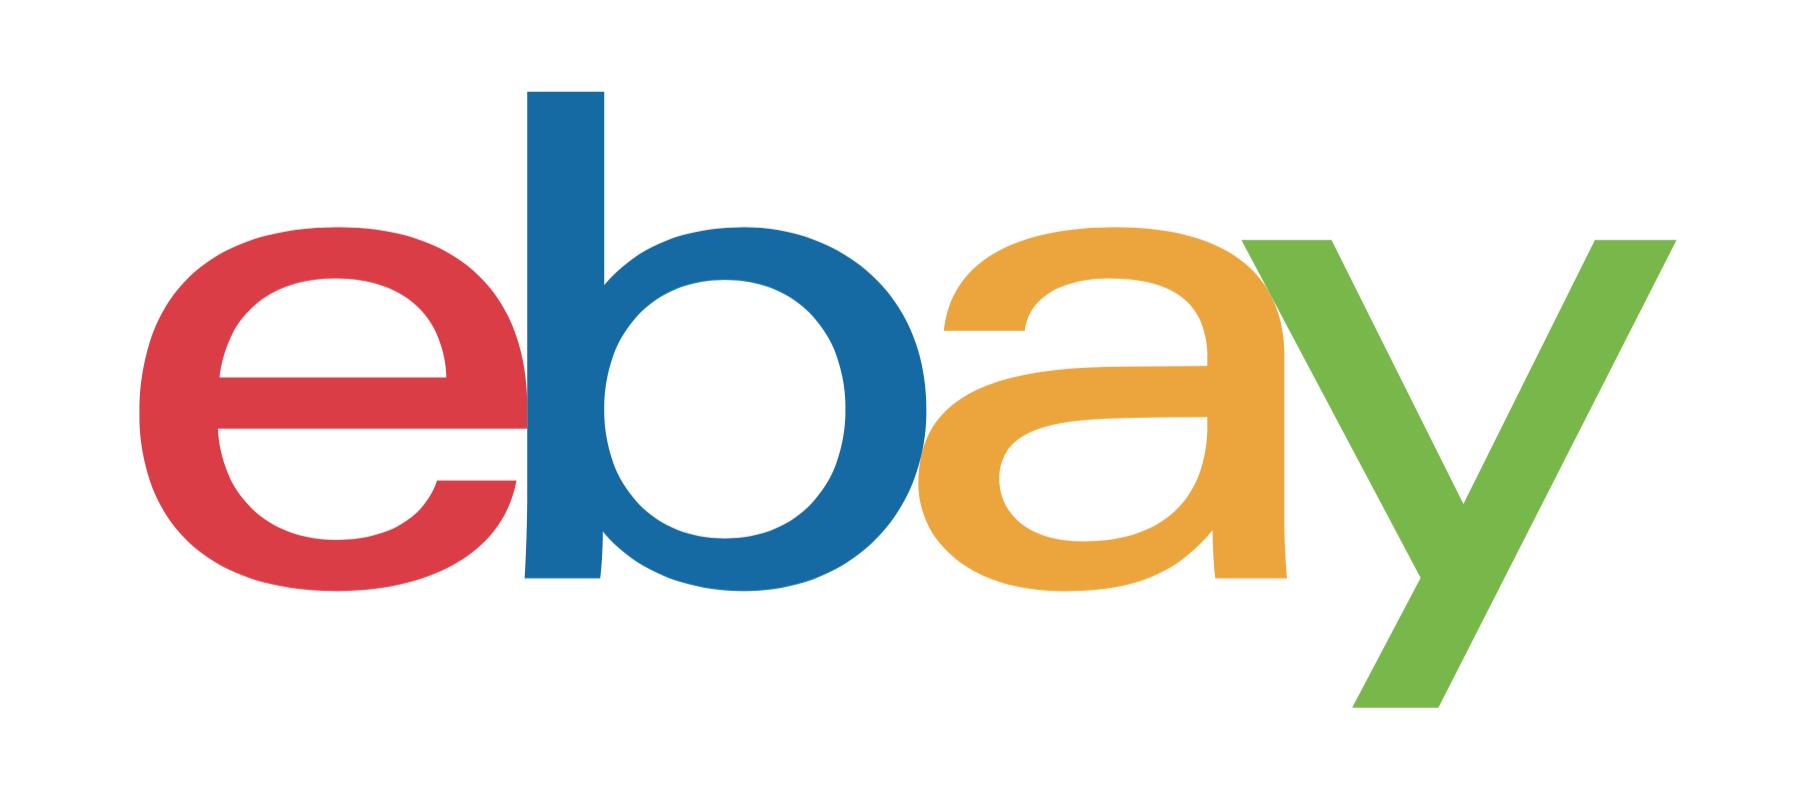 Partnership Company Logo Ebay